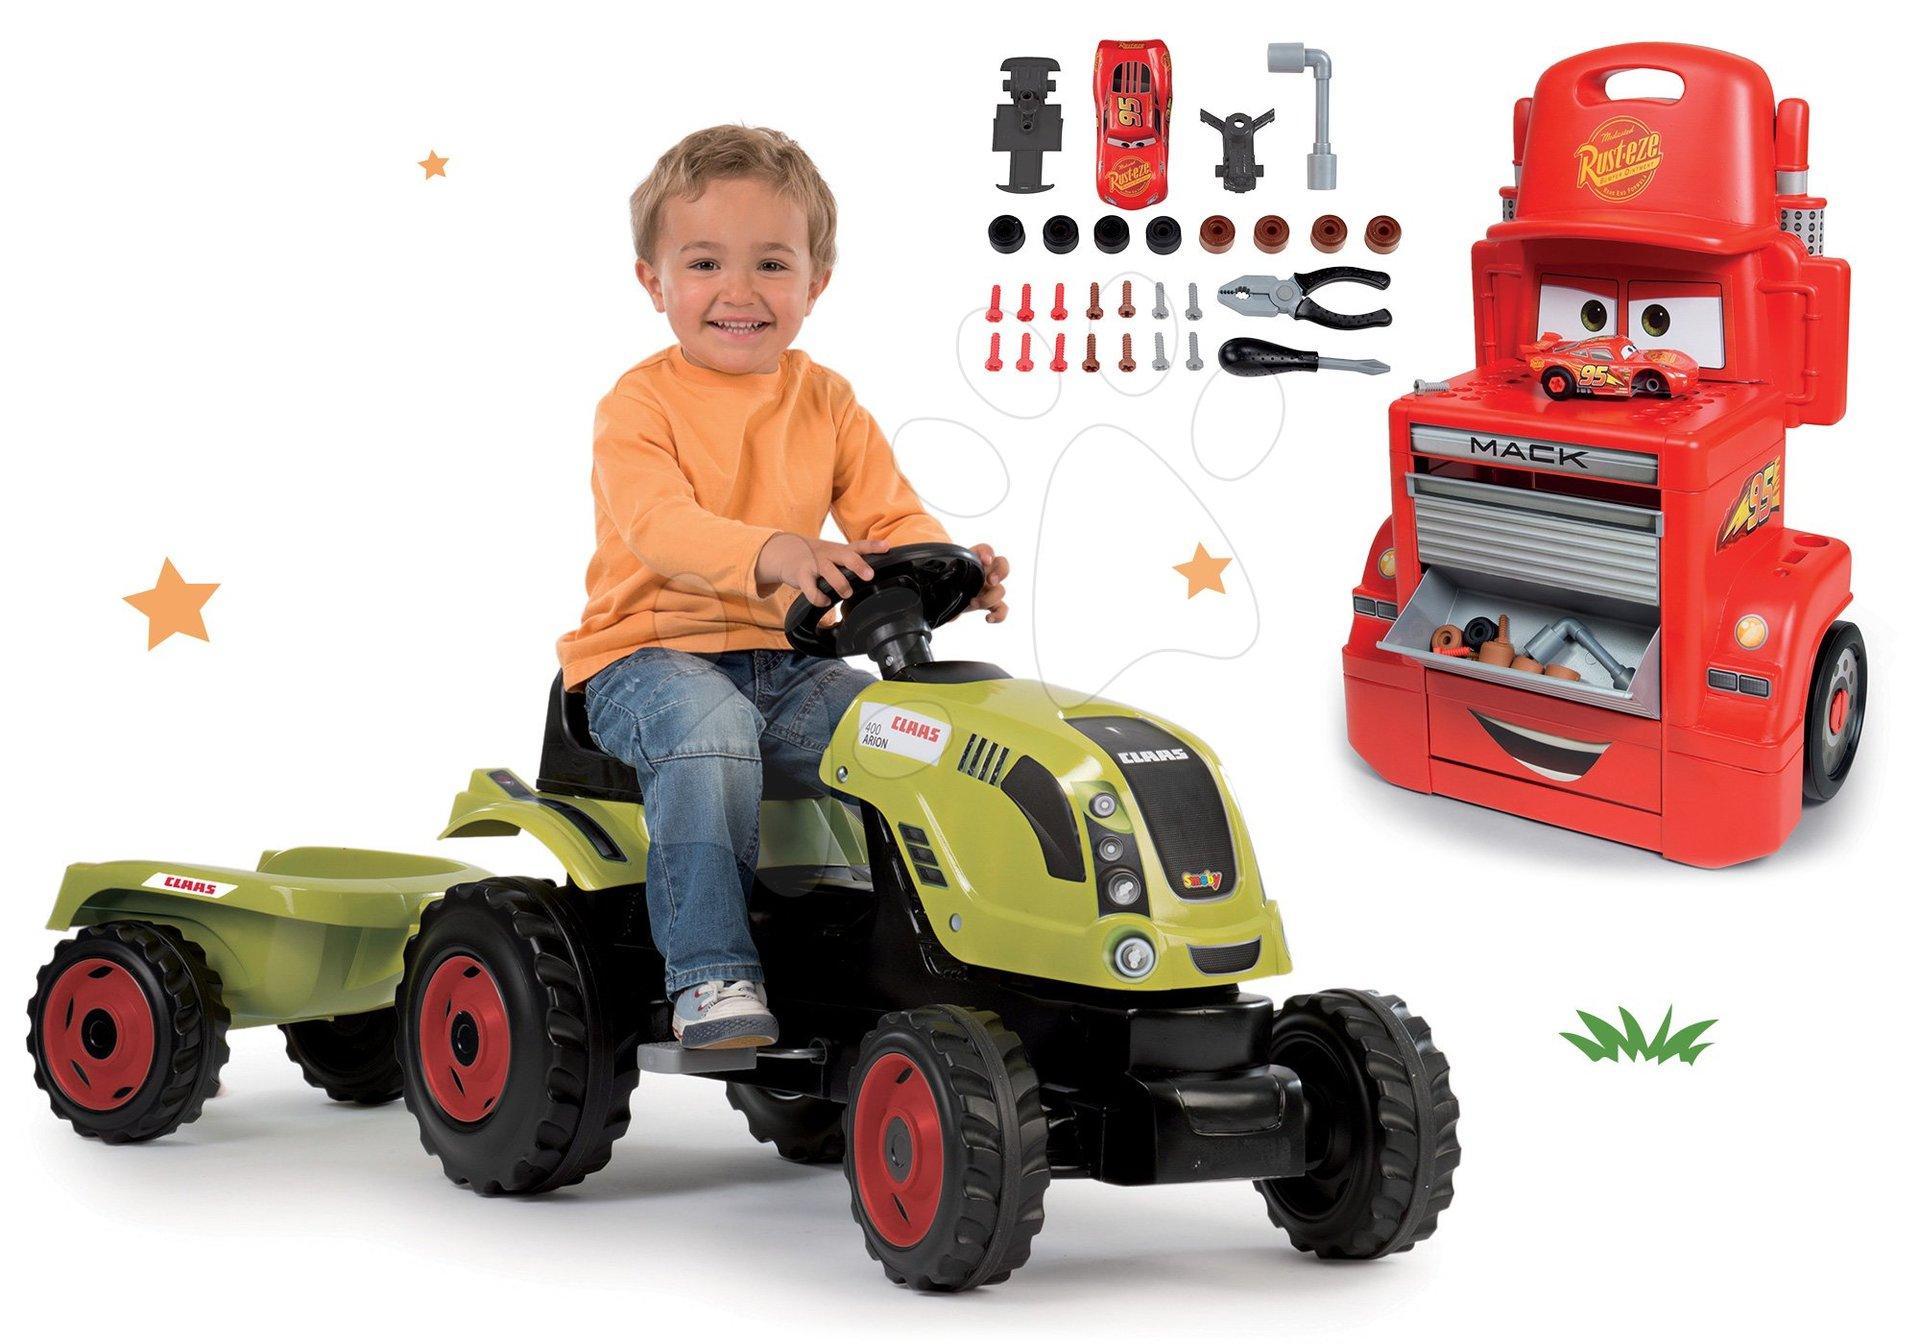 Smoby set traktor Claas Farmer XL na šliapanie a pracovná dielňa vozík Autá Mack Truck 710114-7